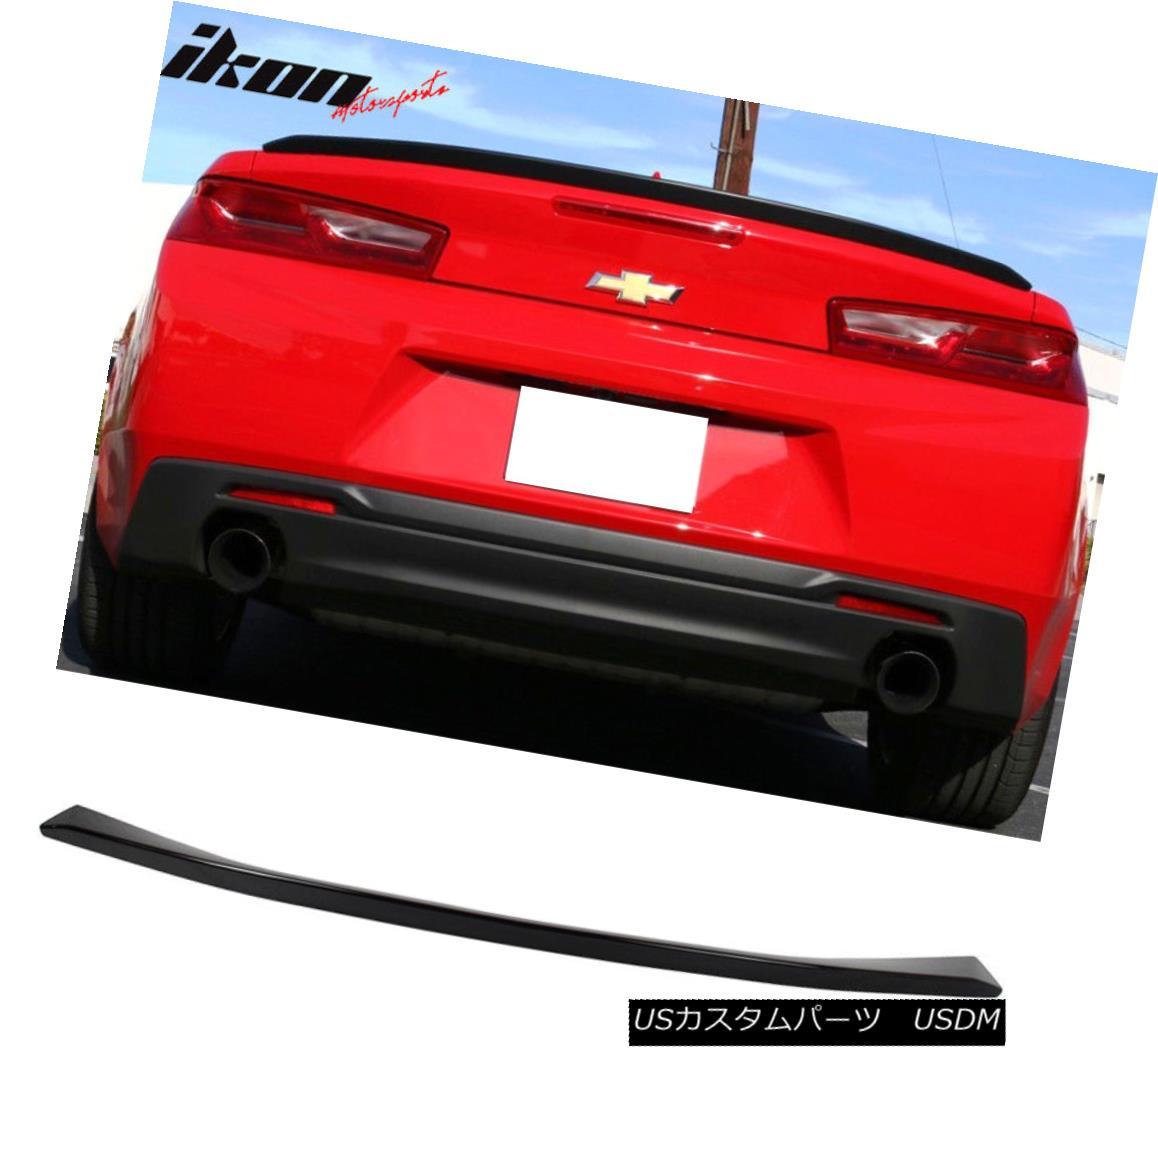 エアロパーツ 16-18 Chevy Camaro Factory RS Style V6 Trunk Spoiler Wing Painted #WA8555 Black 16-18シボレーカマロ工場RSスタイルV6トランクスポイラー翼塗装#WA8555ブラック